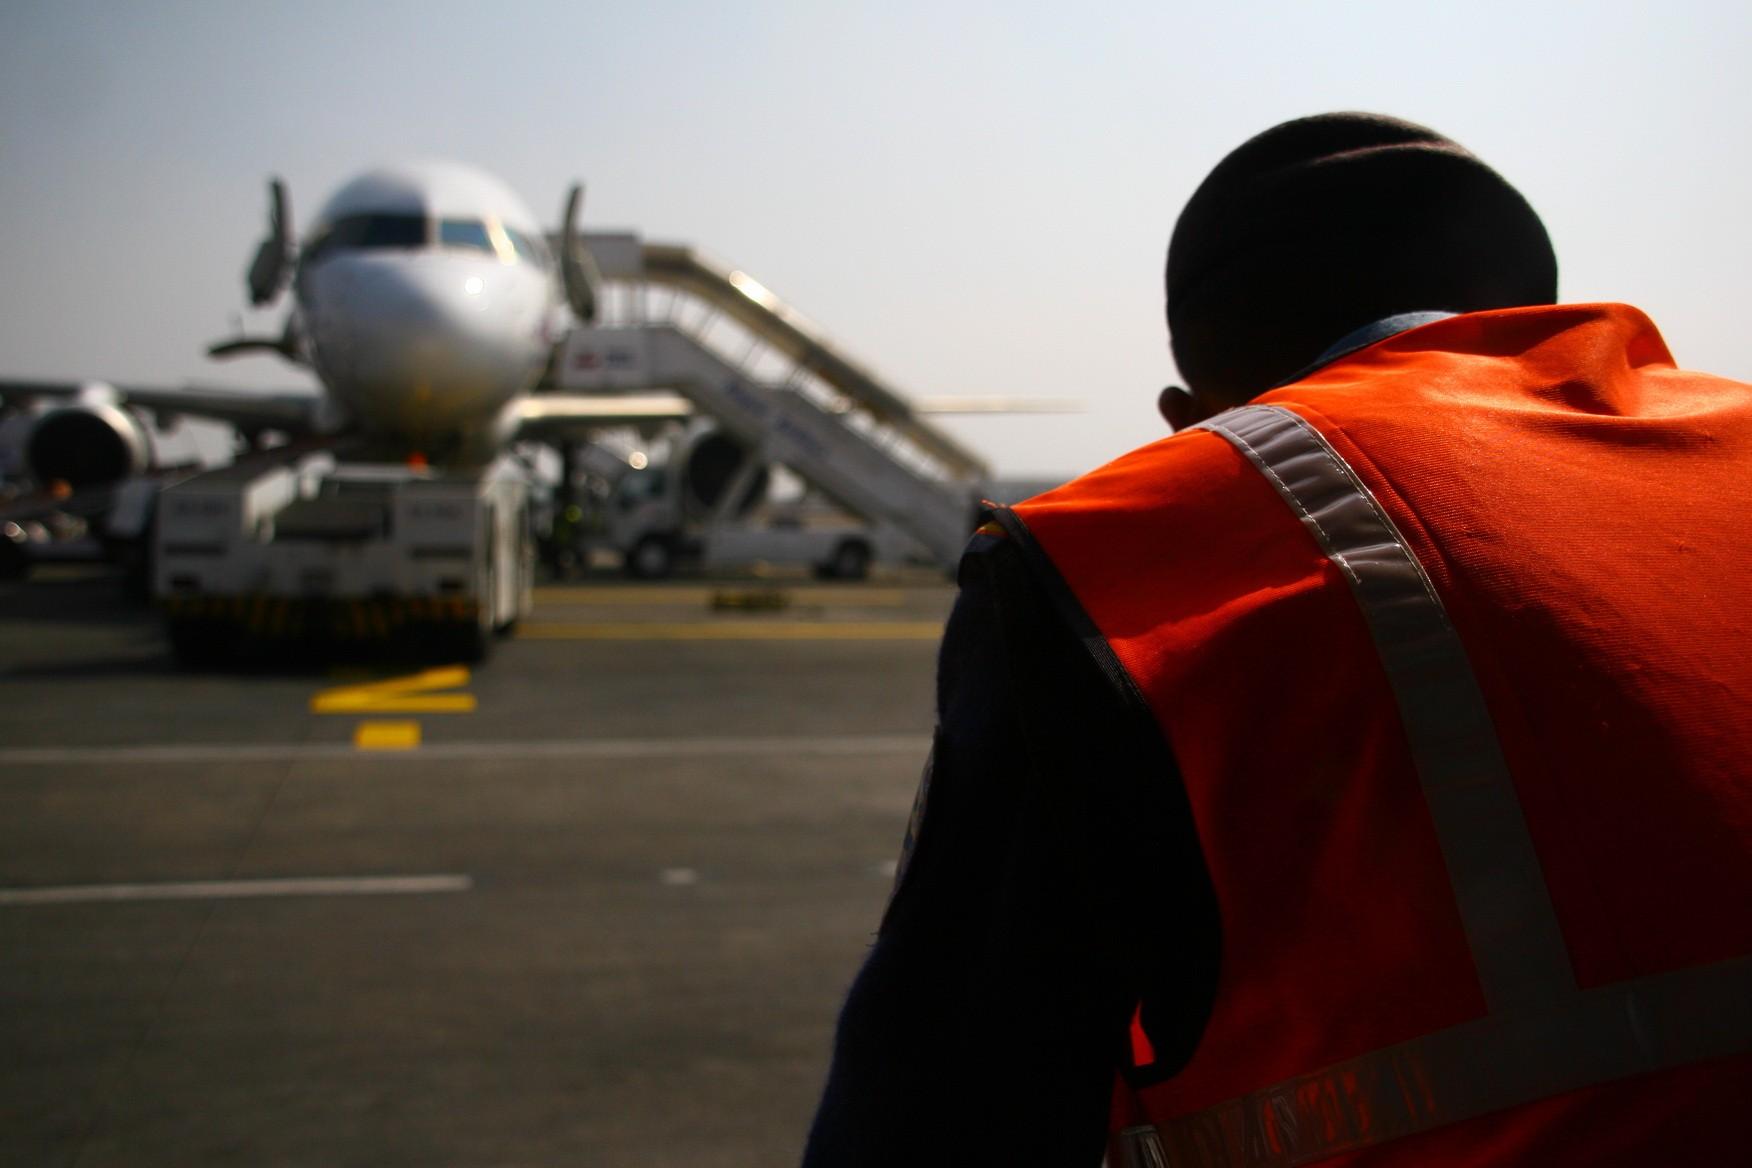 [原创]游走尼泊尔,加德满都机场KTM与尼泊尔航空RA巡礼 BOEING 757 9N-ACA Nepal KATHMANDU trIBHUVAN